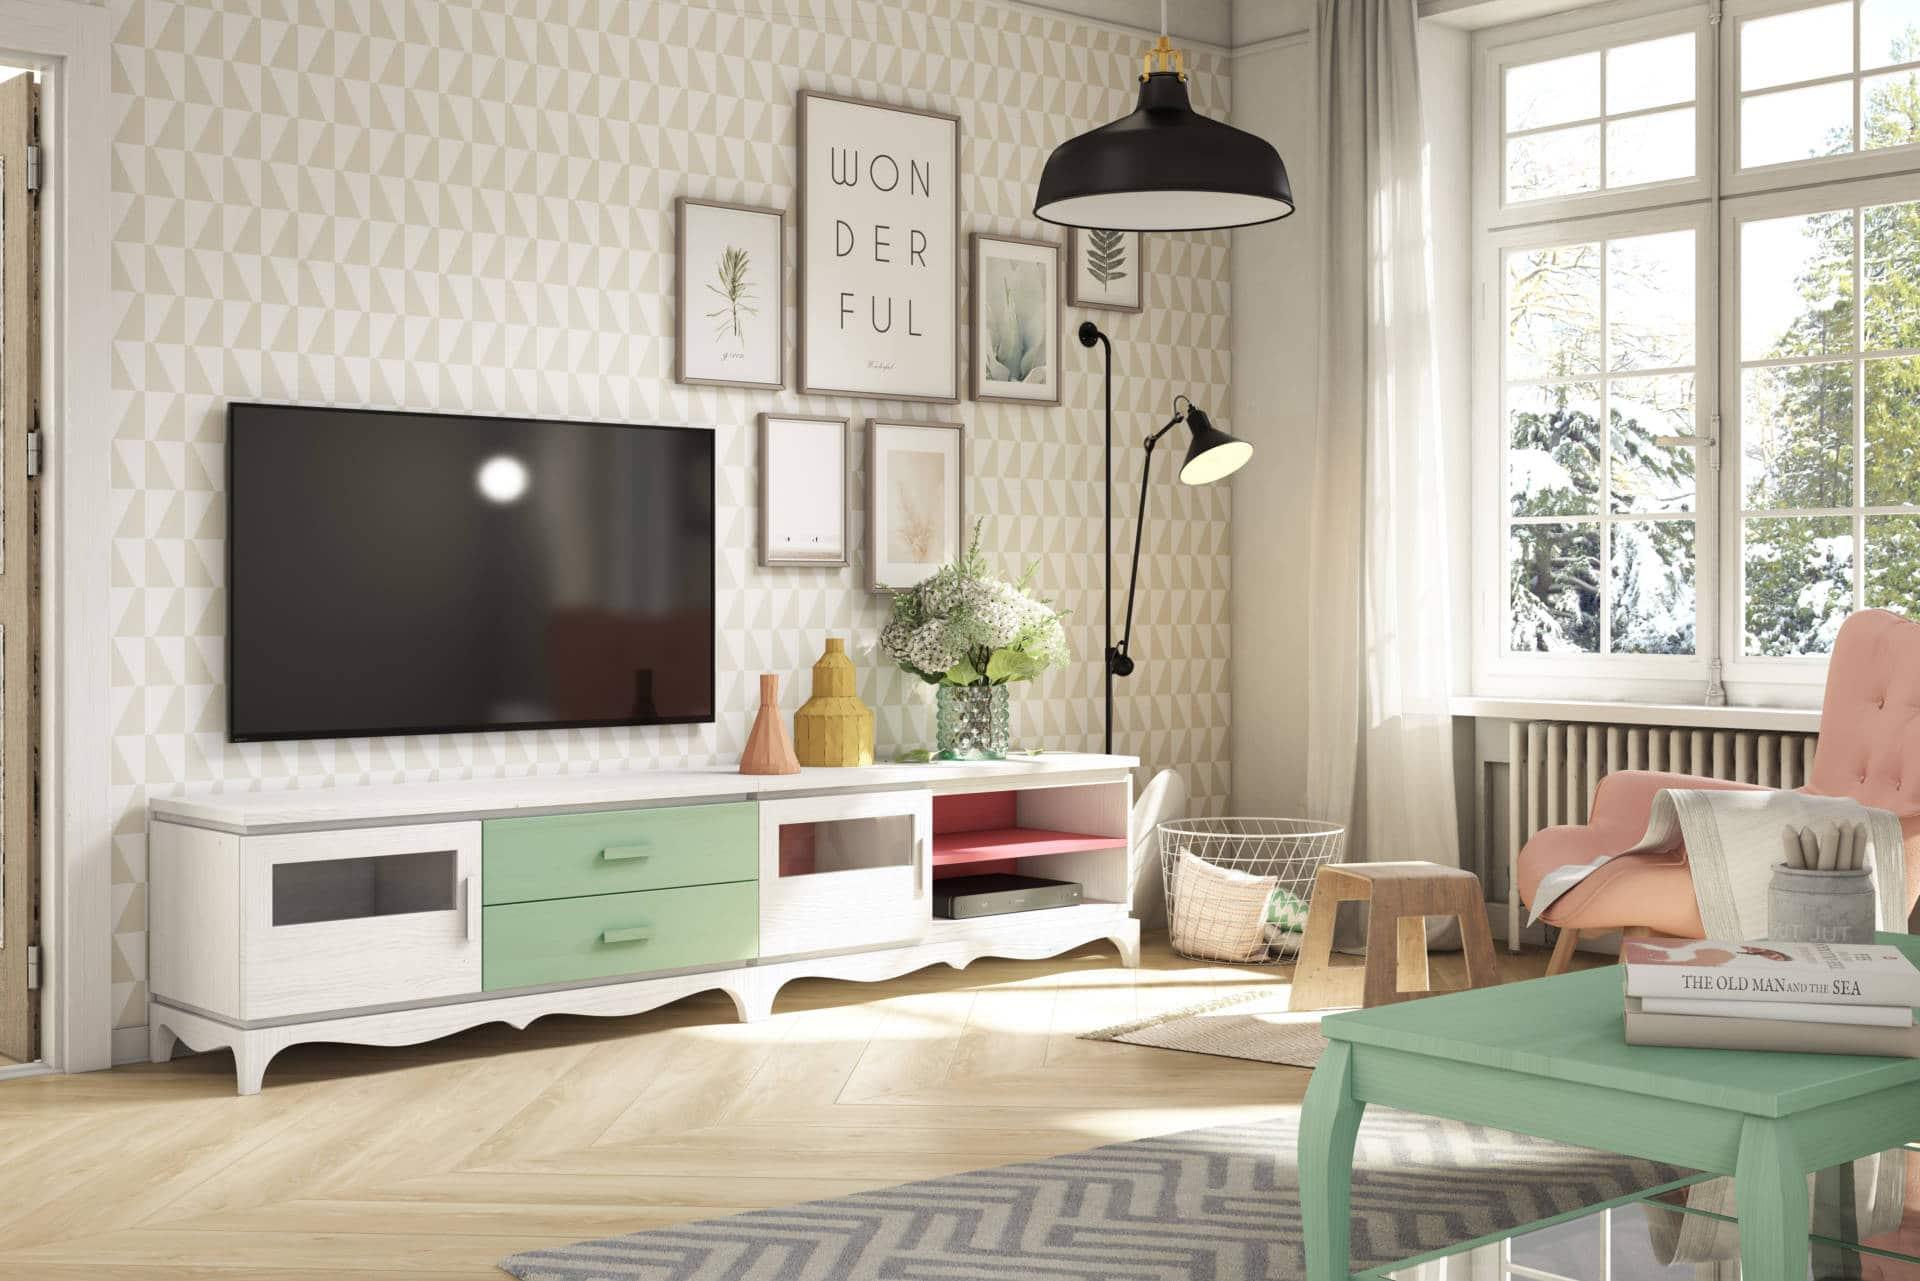 Muebles de sal n r sticos en zaragoza r stica ambientes - Muebles estilo rustico moderno ...